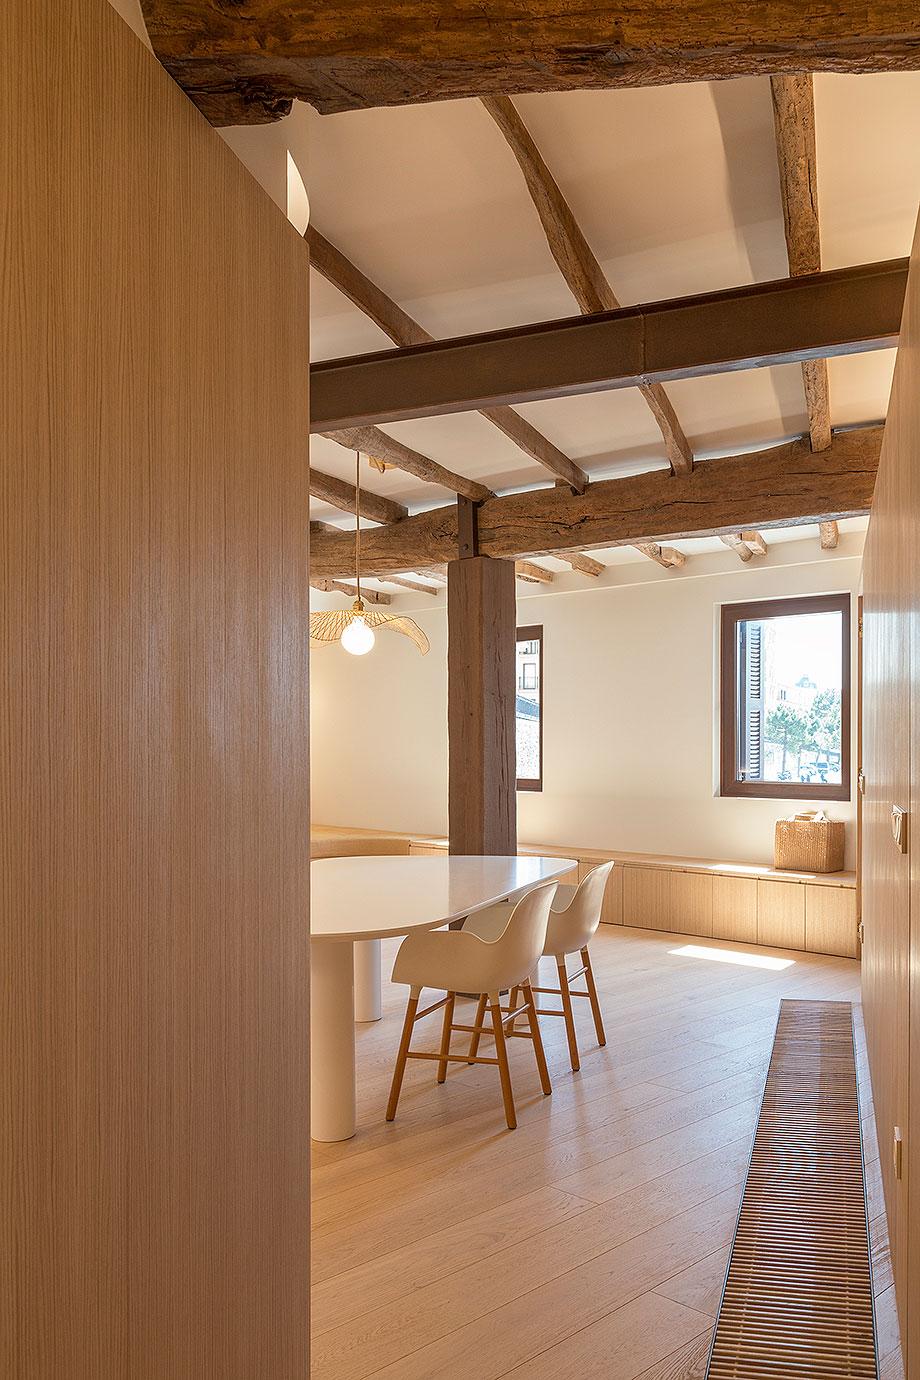 casa kaia de amaia arana arkitektura (4) - foto iñaki guridi de mitiko estudio